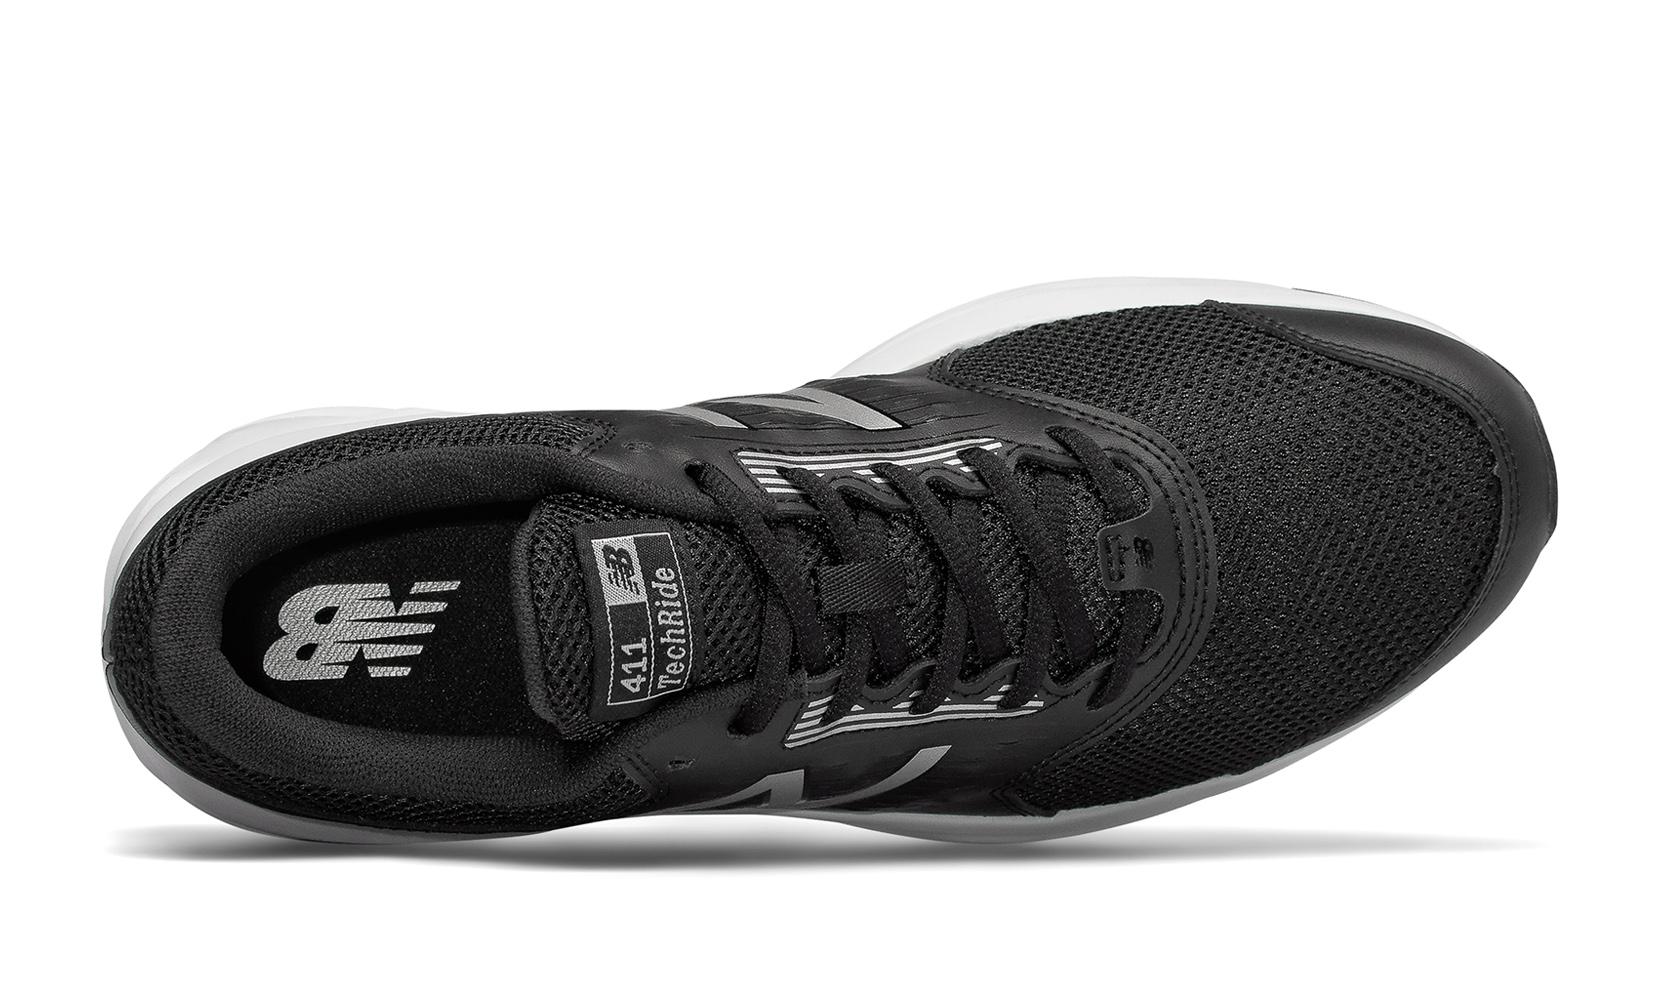 Чоловіче взуття для бігу New Balance 411 TechRide v1 M411LB1 | New Balance